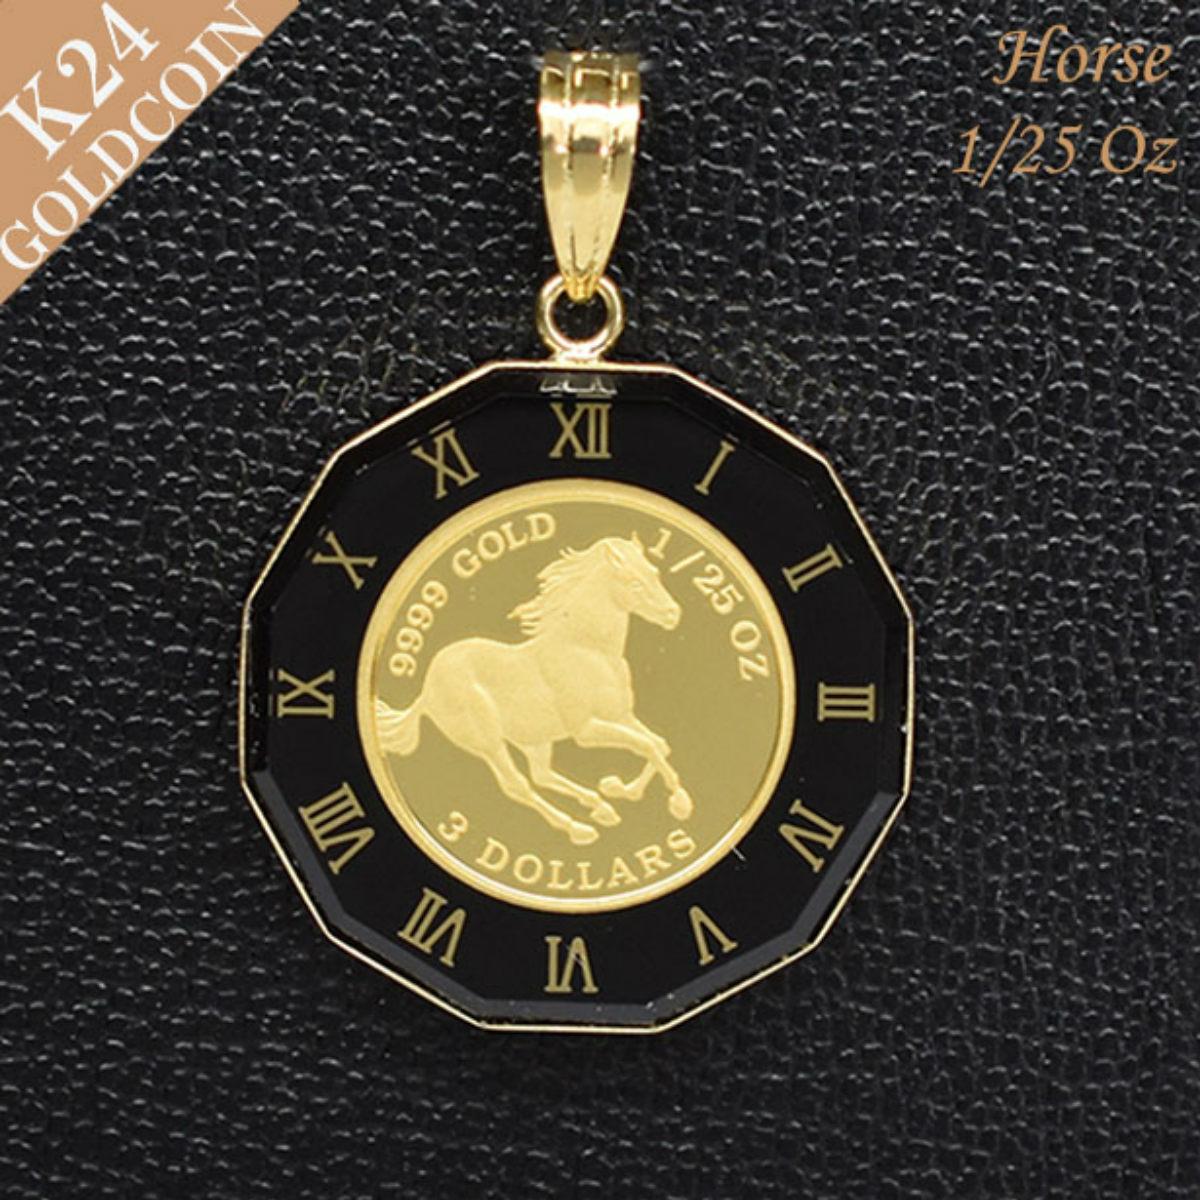 【新品】【純金 純金コイン コインペンダント ツバル政府発行公認金貨 エリザベスコイン K24 ホースコイン ツバルコイン 1/25オンス 枠K18付 誕生日 プレゼント】